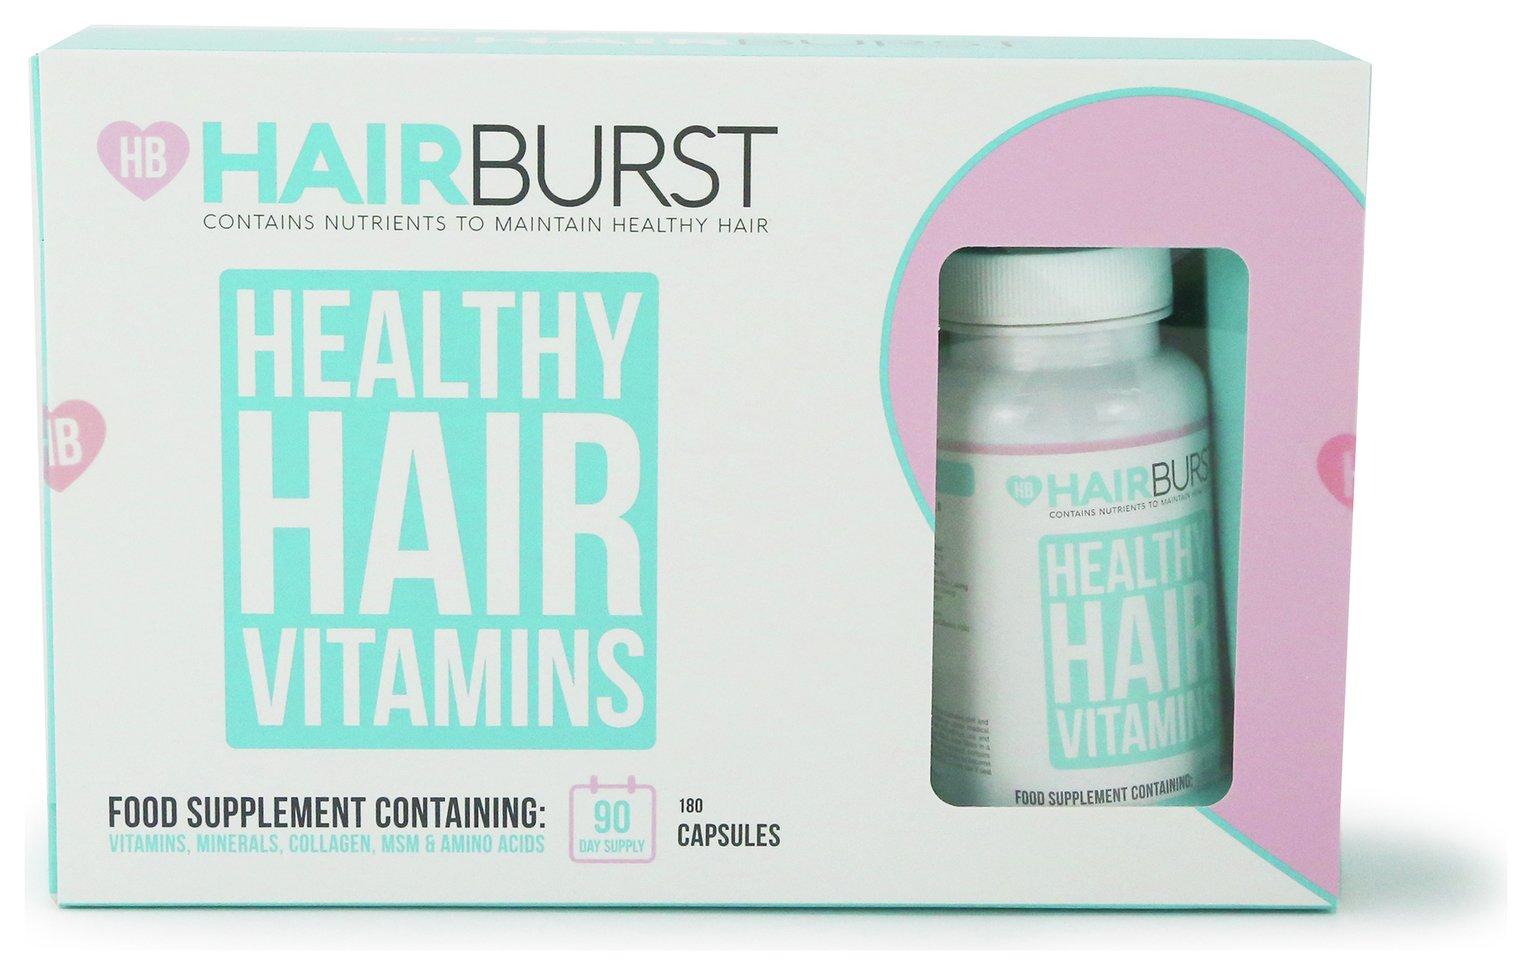 Hairburst 3 Months Supply Original Hair Vitiamns